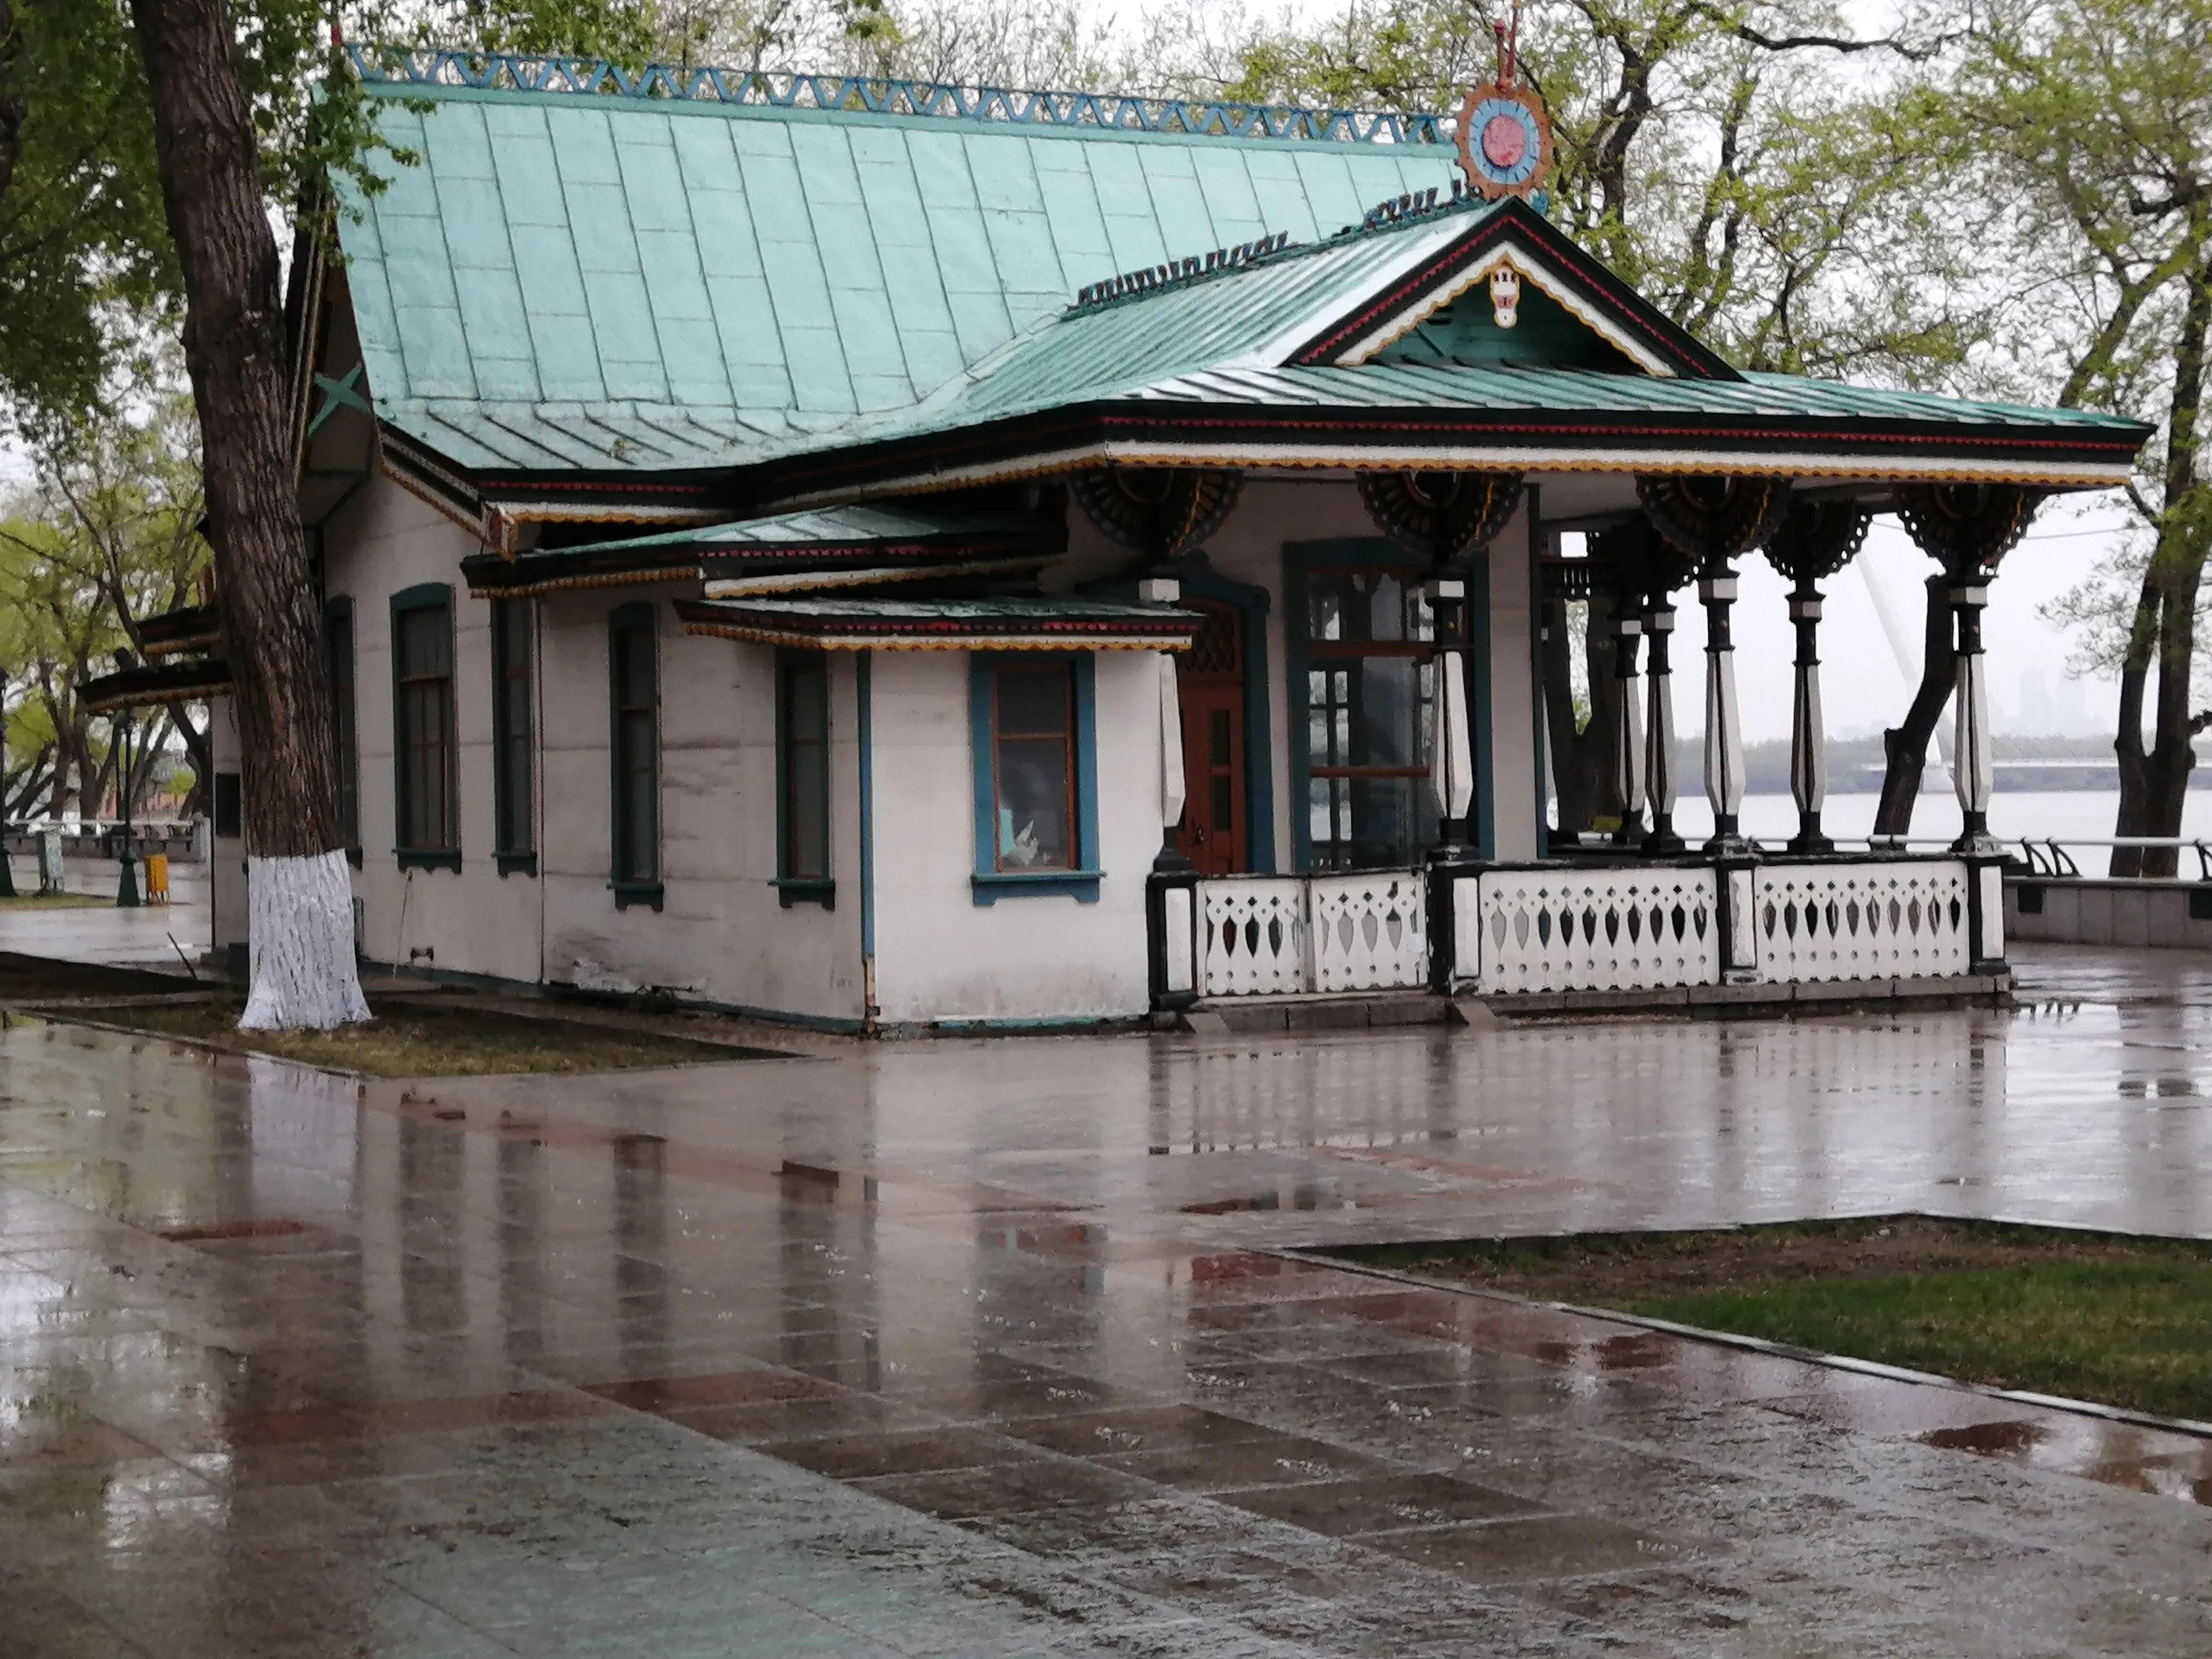 哈尔滨雨后的景色